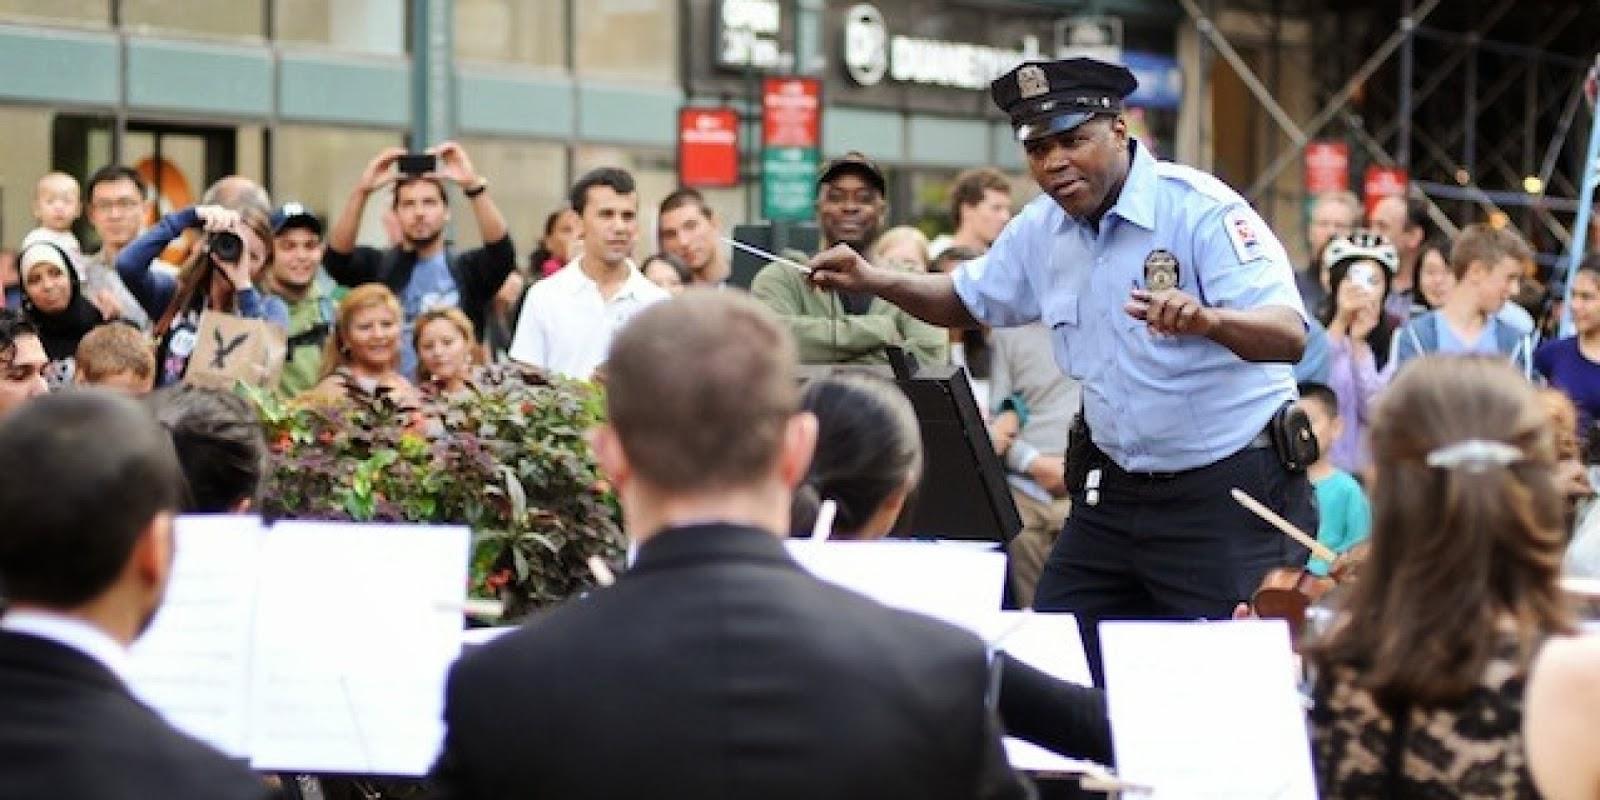 http://www.upsocl.com/cultura-y-entretencion/que-sucede-cuando-la-gente-comun-tiene-la-oportunidad-de-dirigir-una-orquesta-de-clase-mundial/#